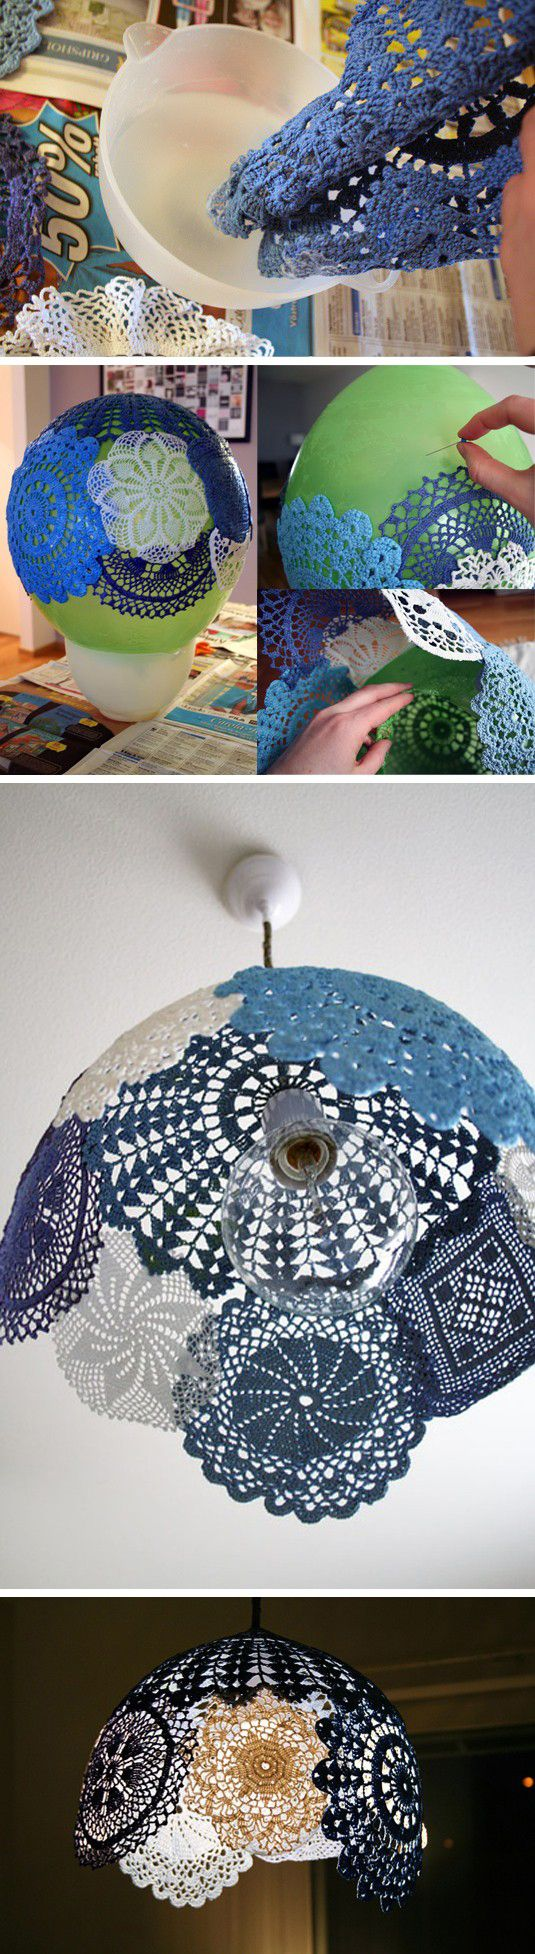 deco dentelle, tutoriel pour fabrique un abat jour a l aide de colle fait maison et napperons bleus, bricolage facile